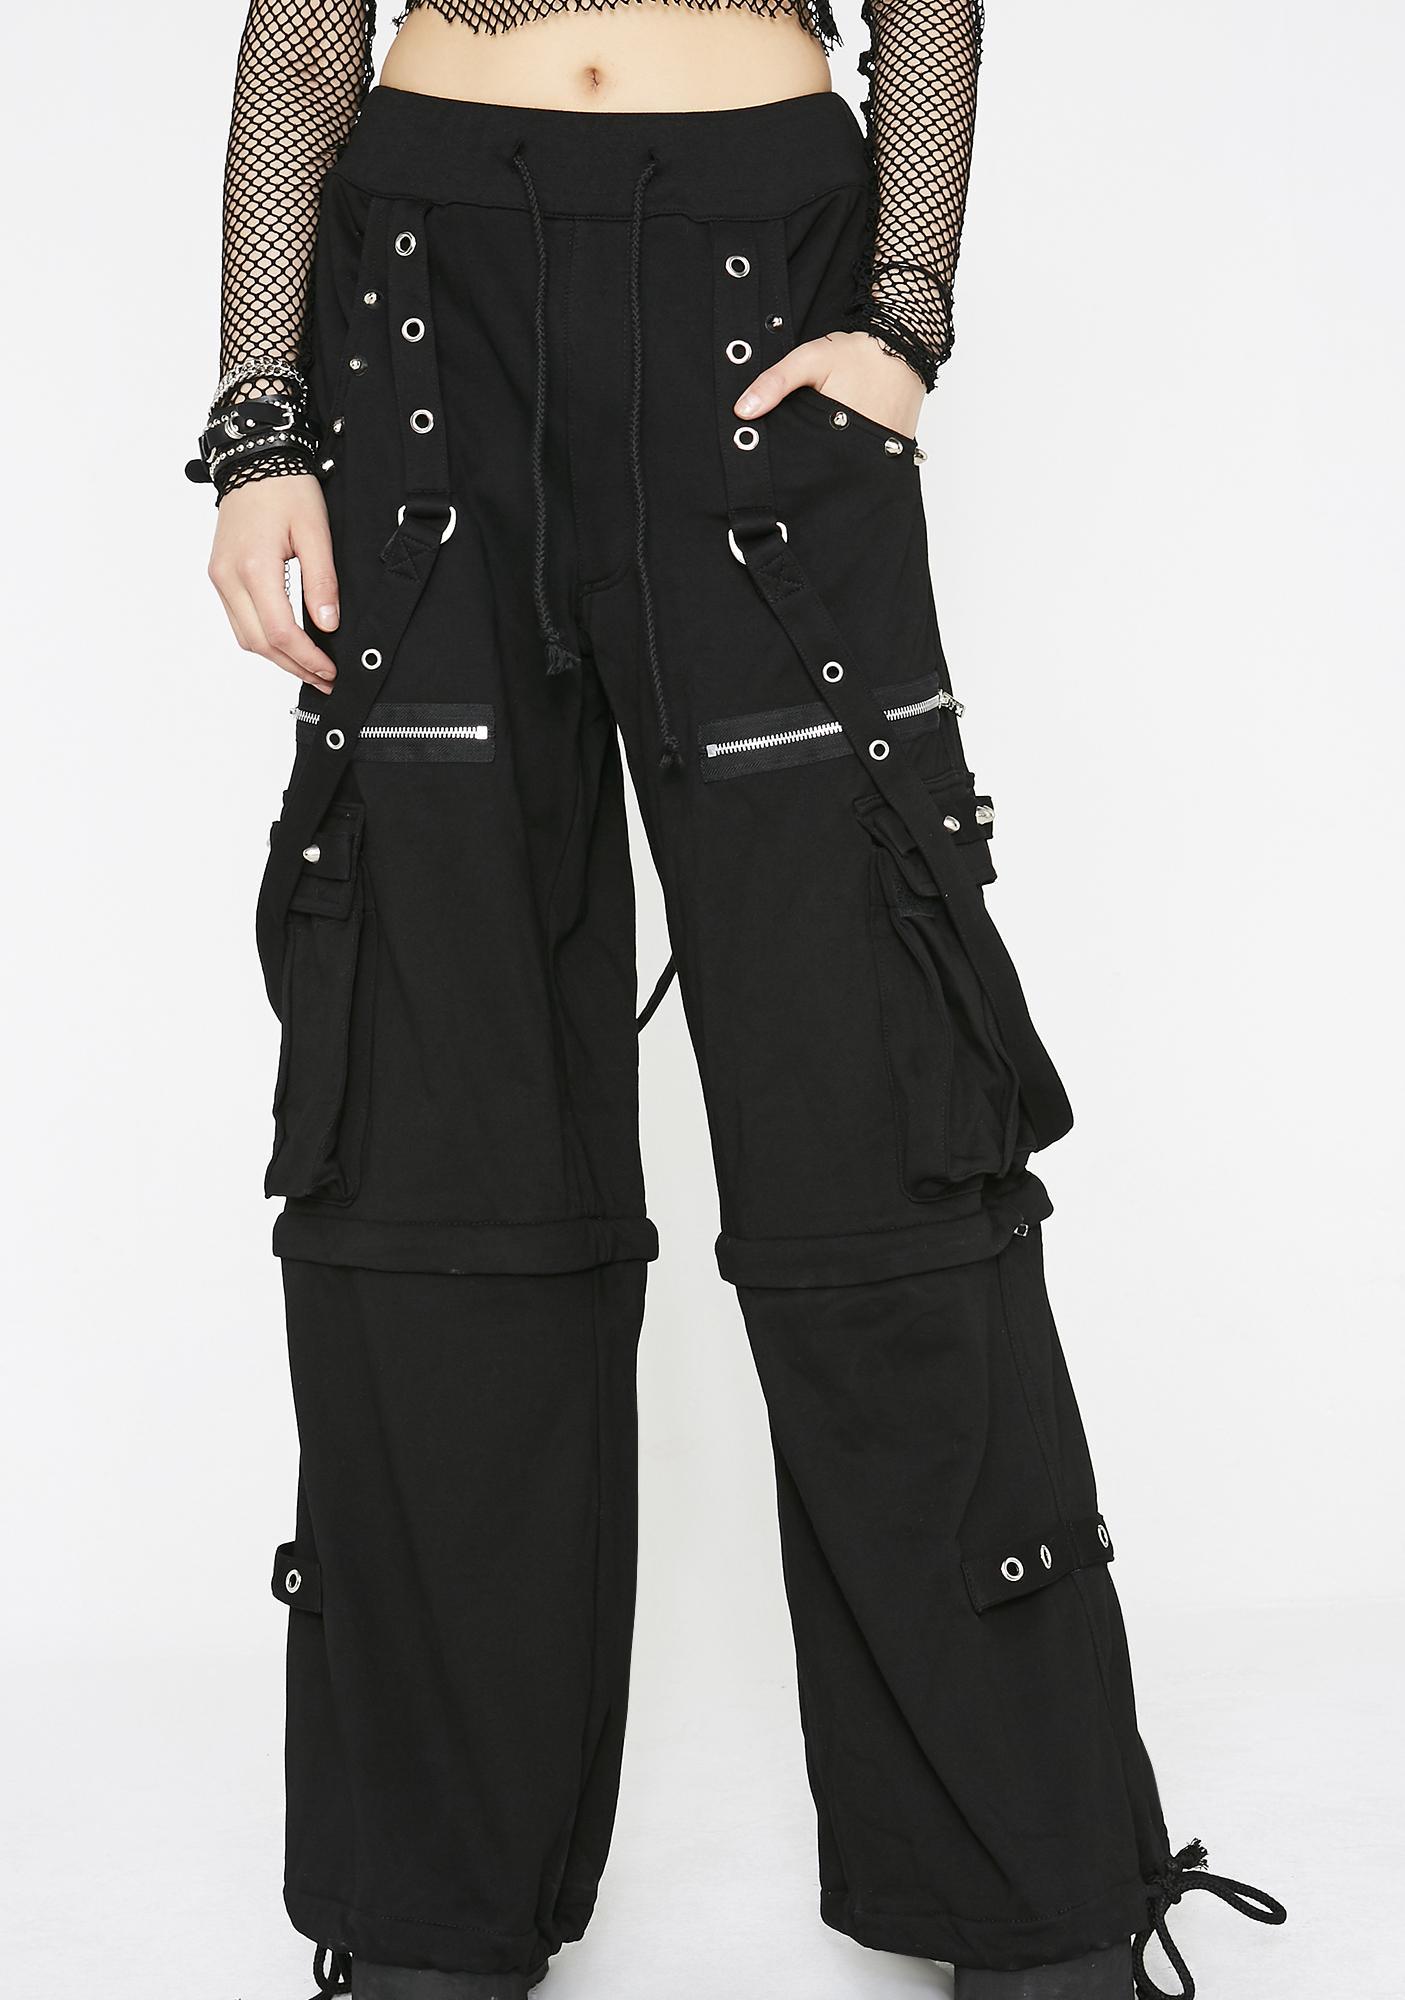 Tripp NYC Knit Dark Street Pants